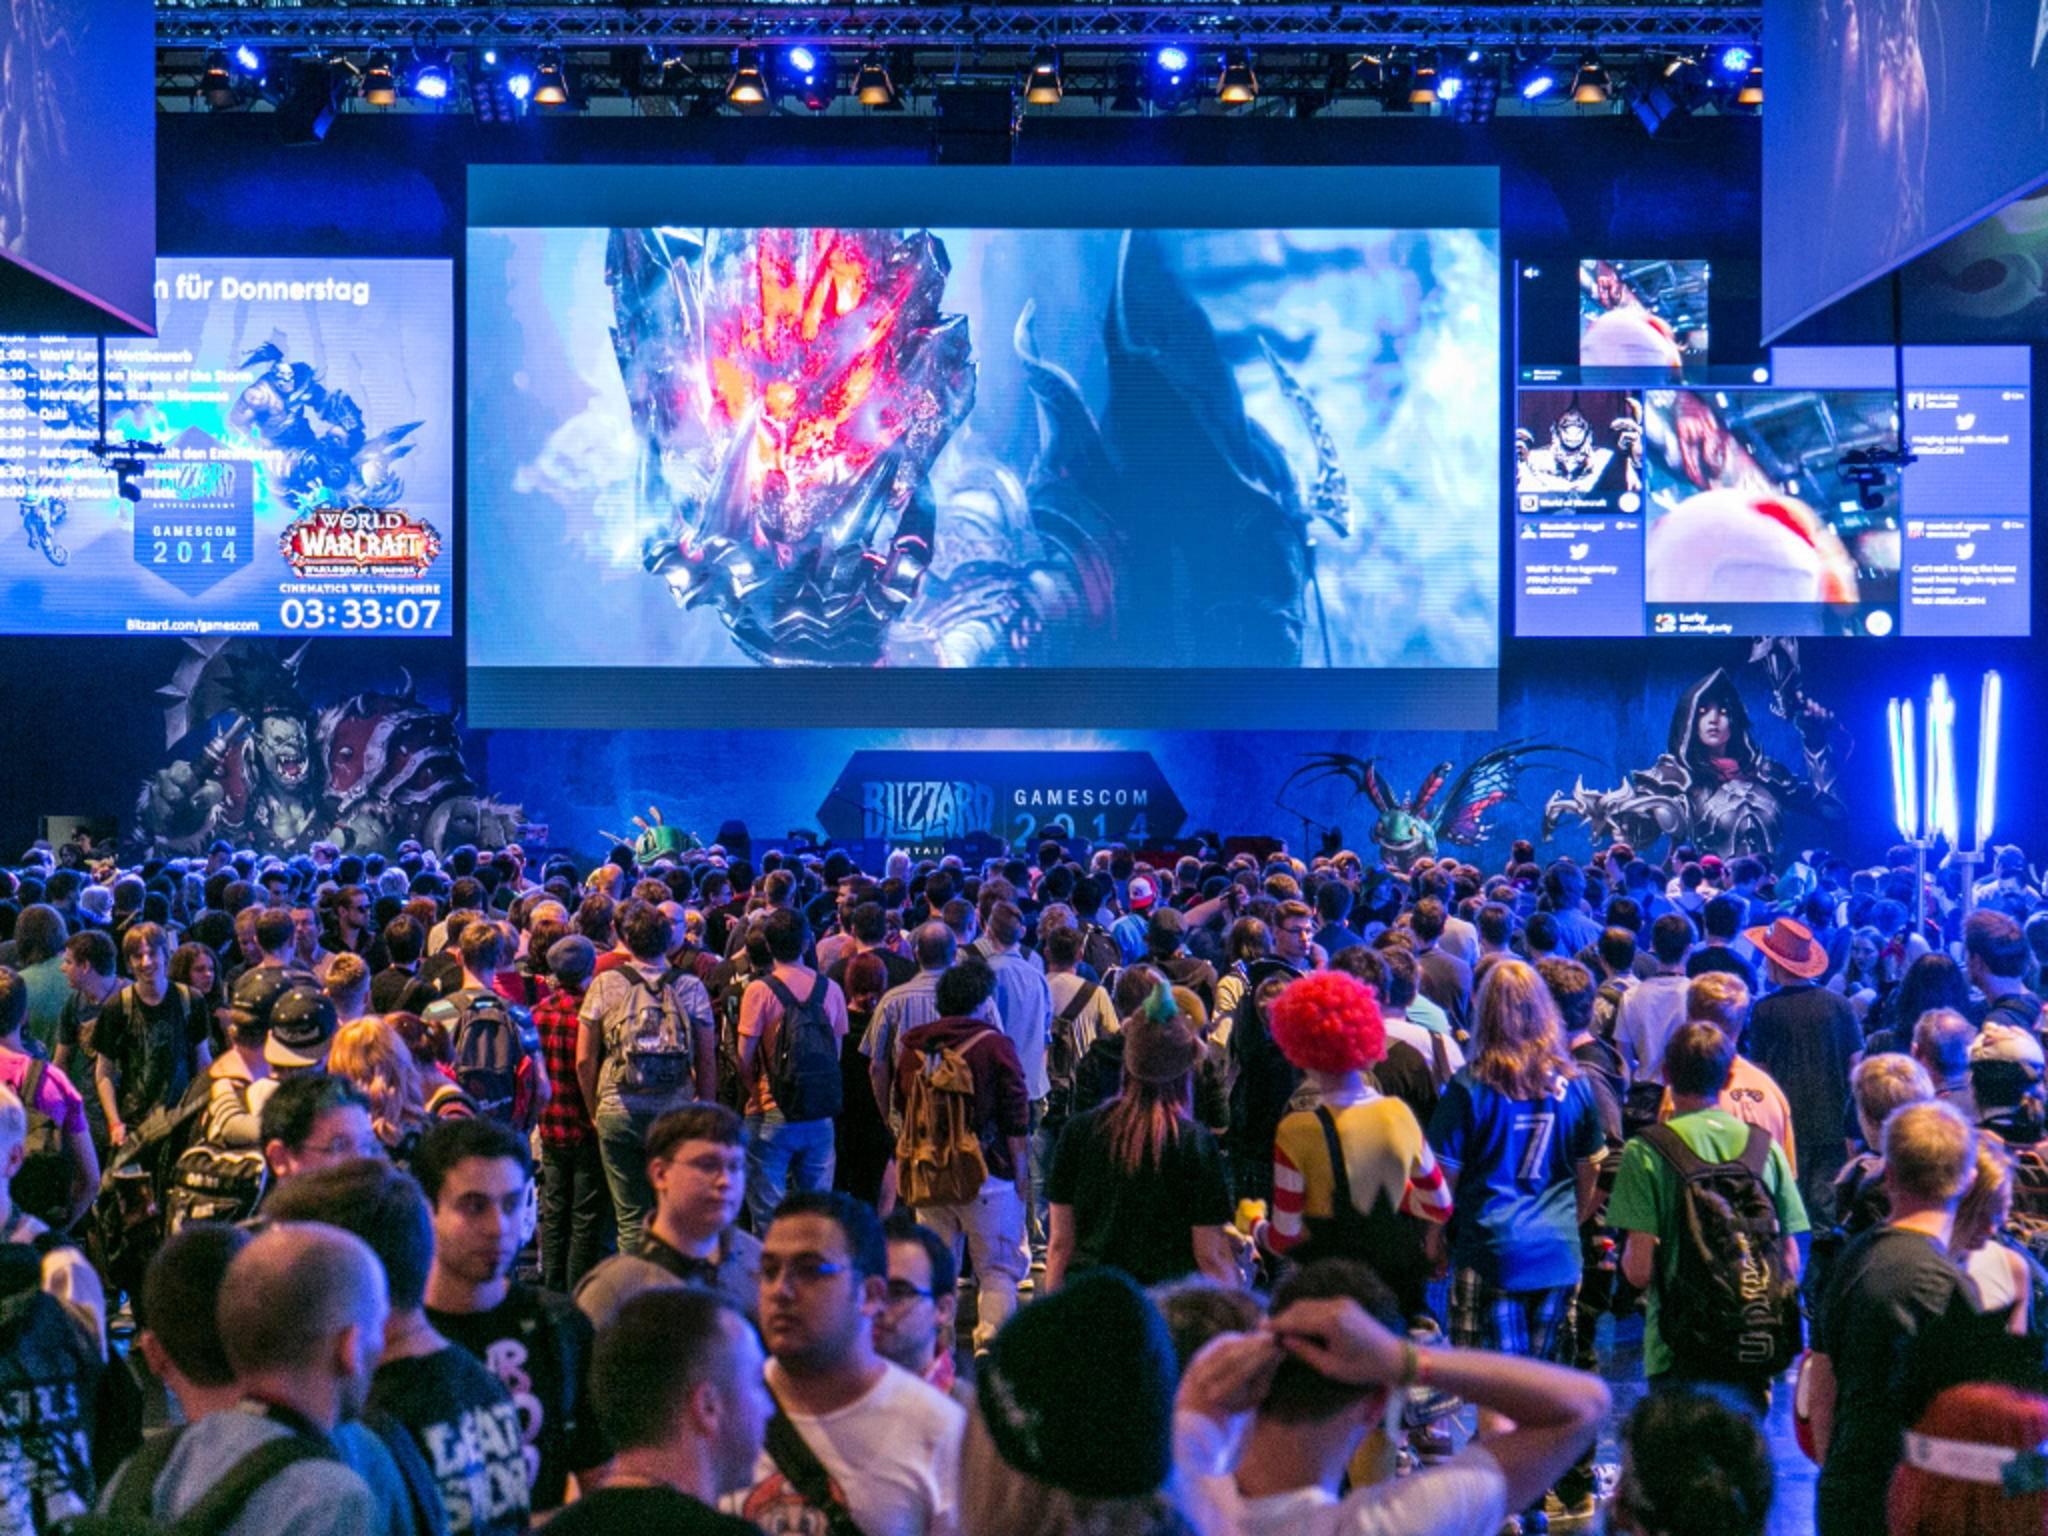 Auch 2015 wird Blizzard wieder auf der Gamescom vertreten sein.